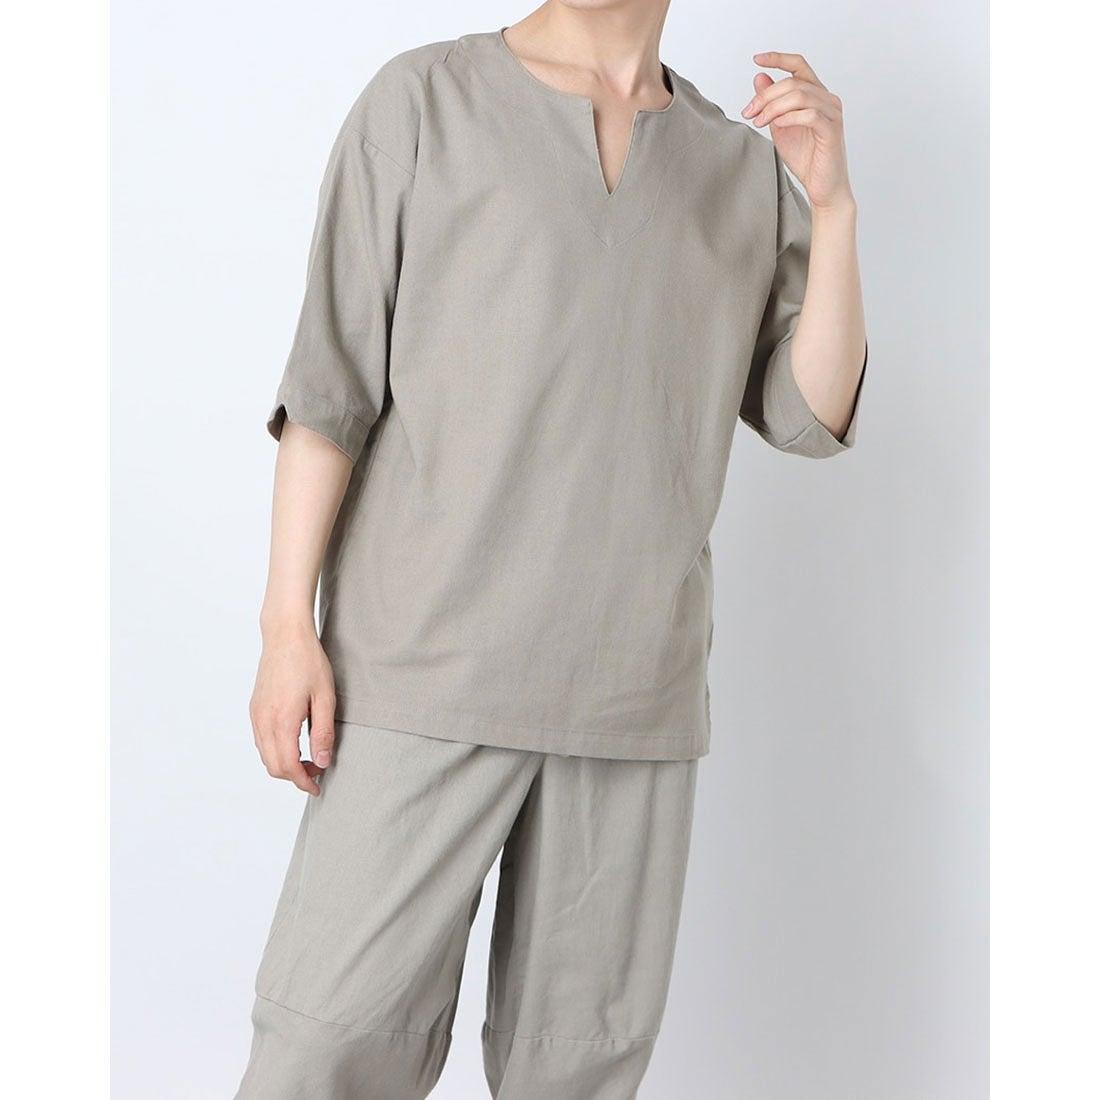 ロコンド 靴とファッションの通販サイトスタイルブロック STYLEBLOCK 麻混キーネックプルオーバーシャツ (サンドベージュ)